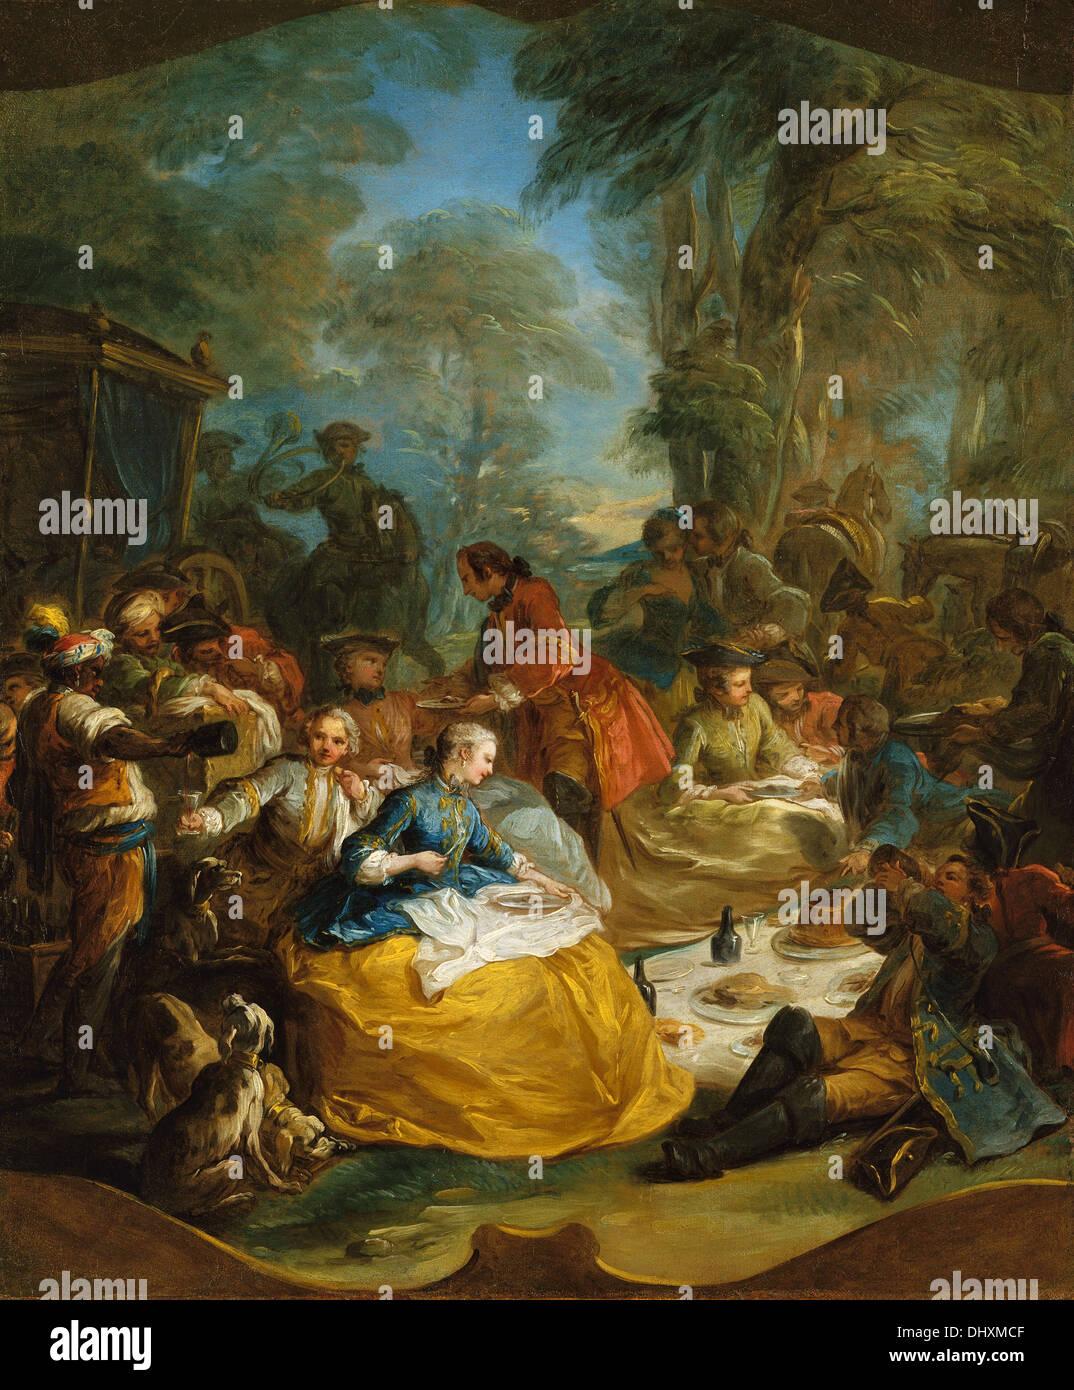 Das Picknick nach der Jagd - von Carle (Charles André) Vanloo, 1700 Stockbild